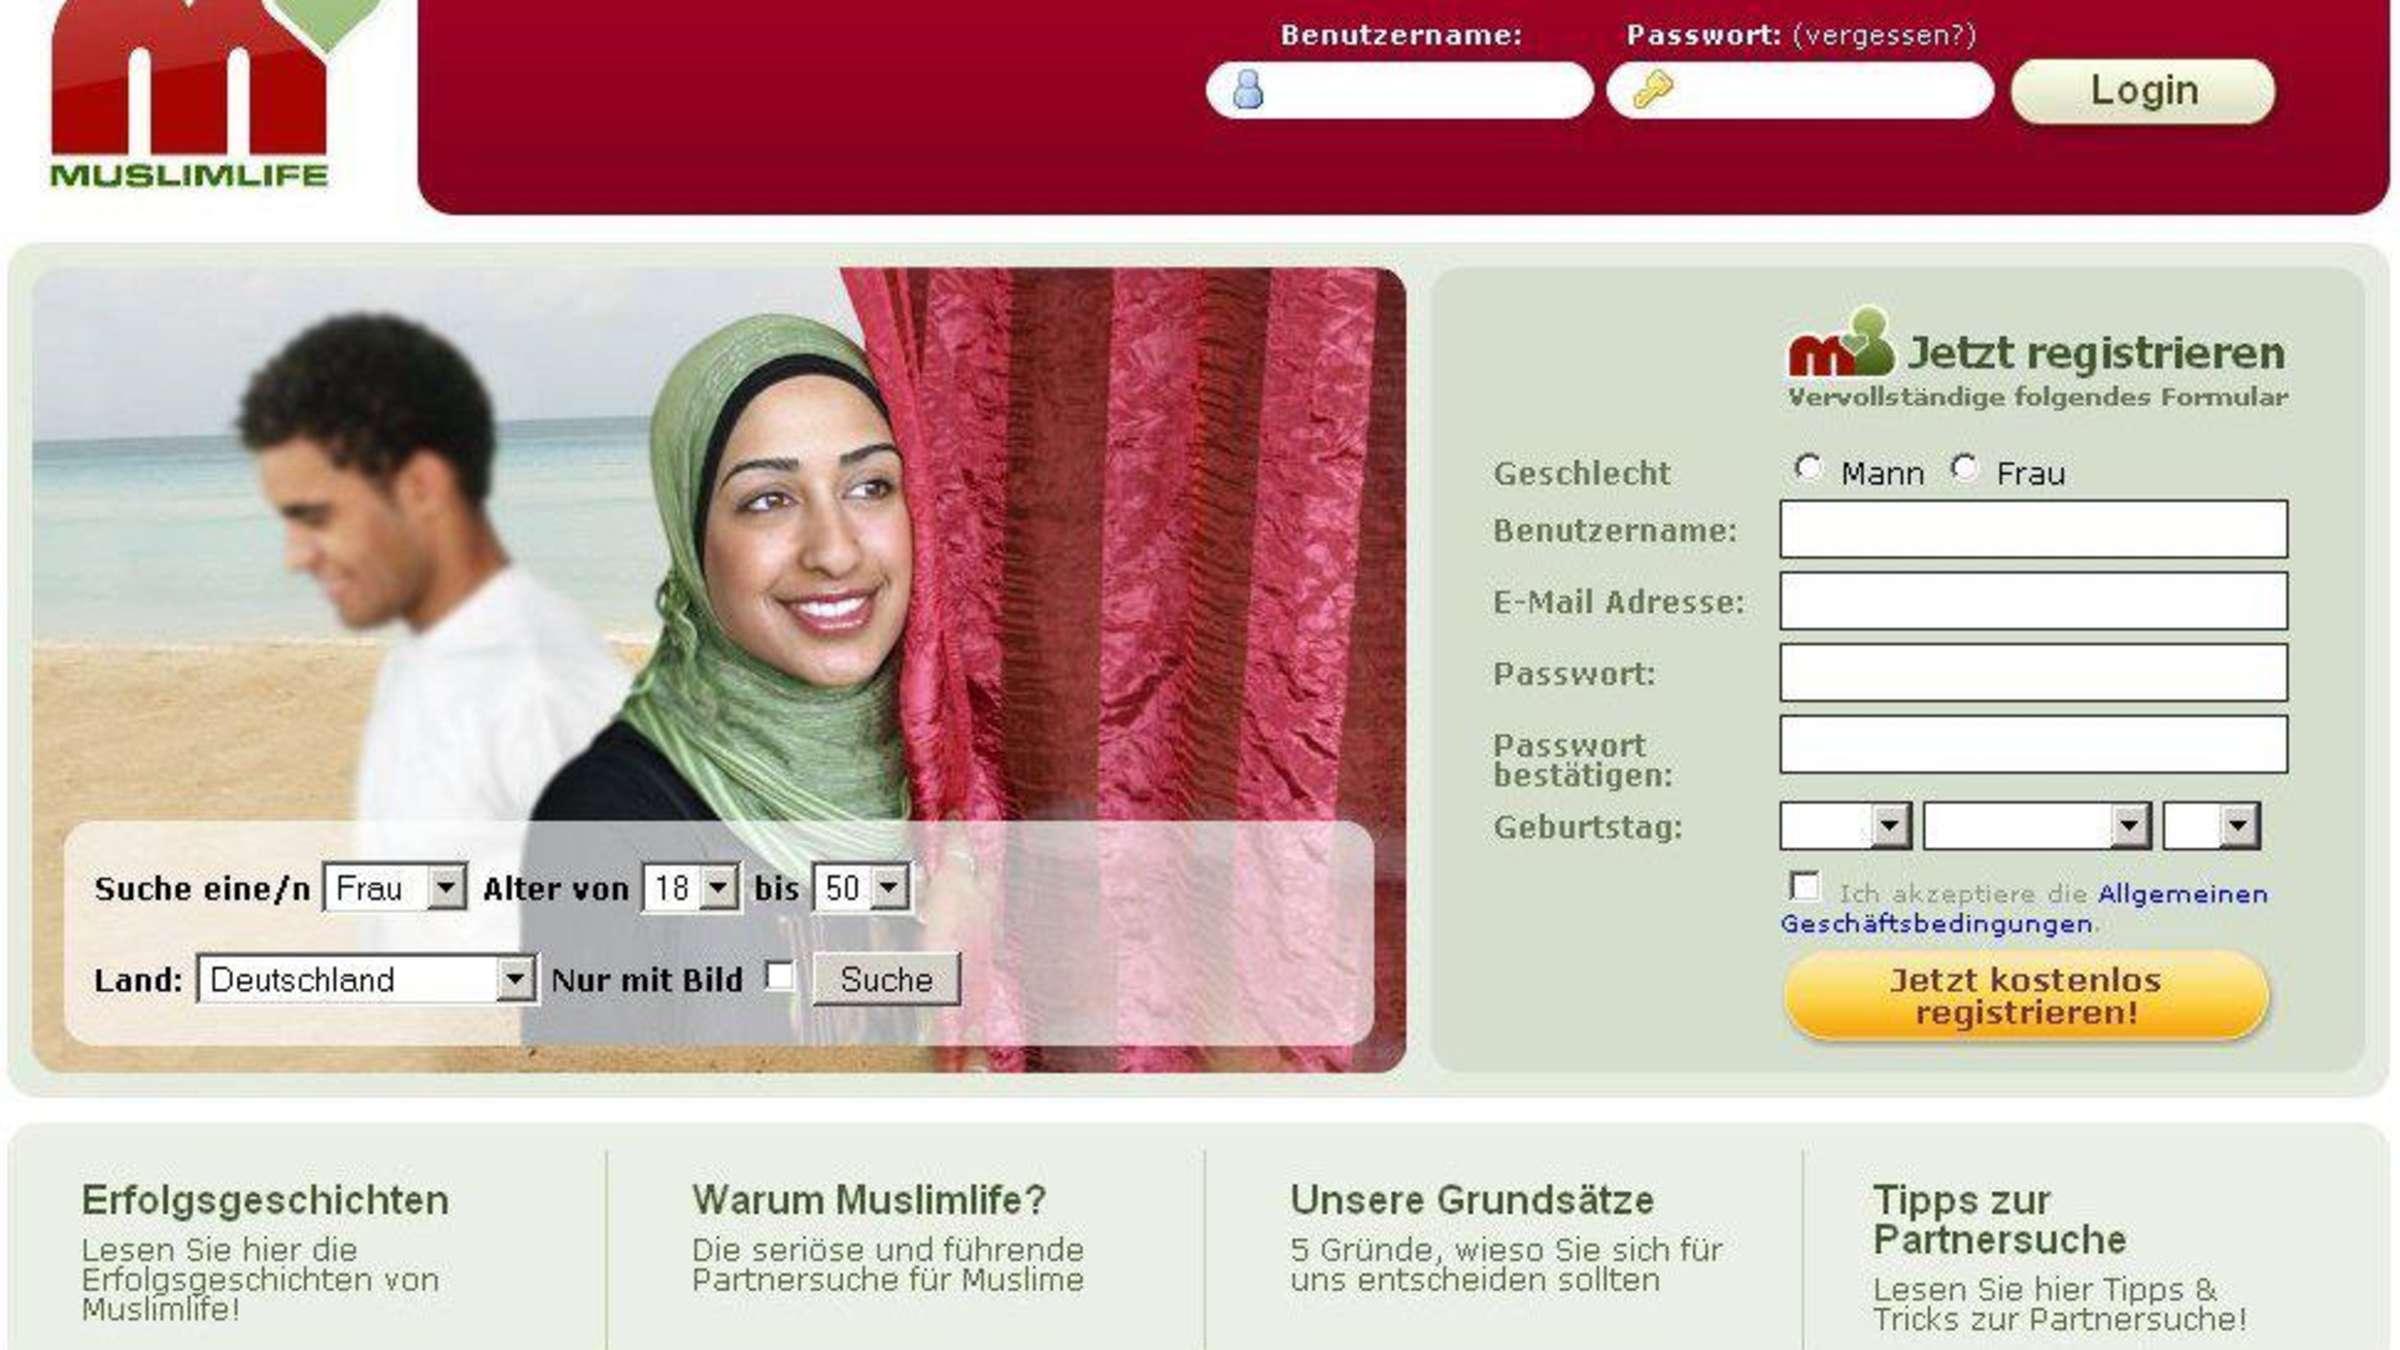 Heiraten deutsche muslima Will mich